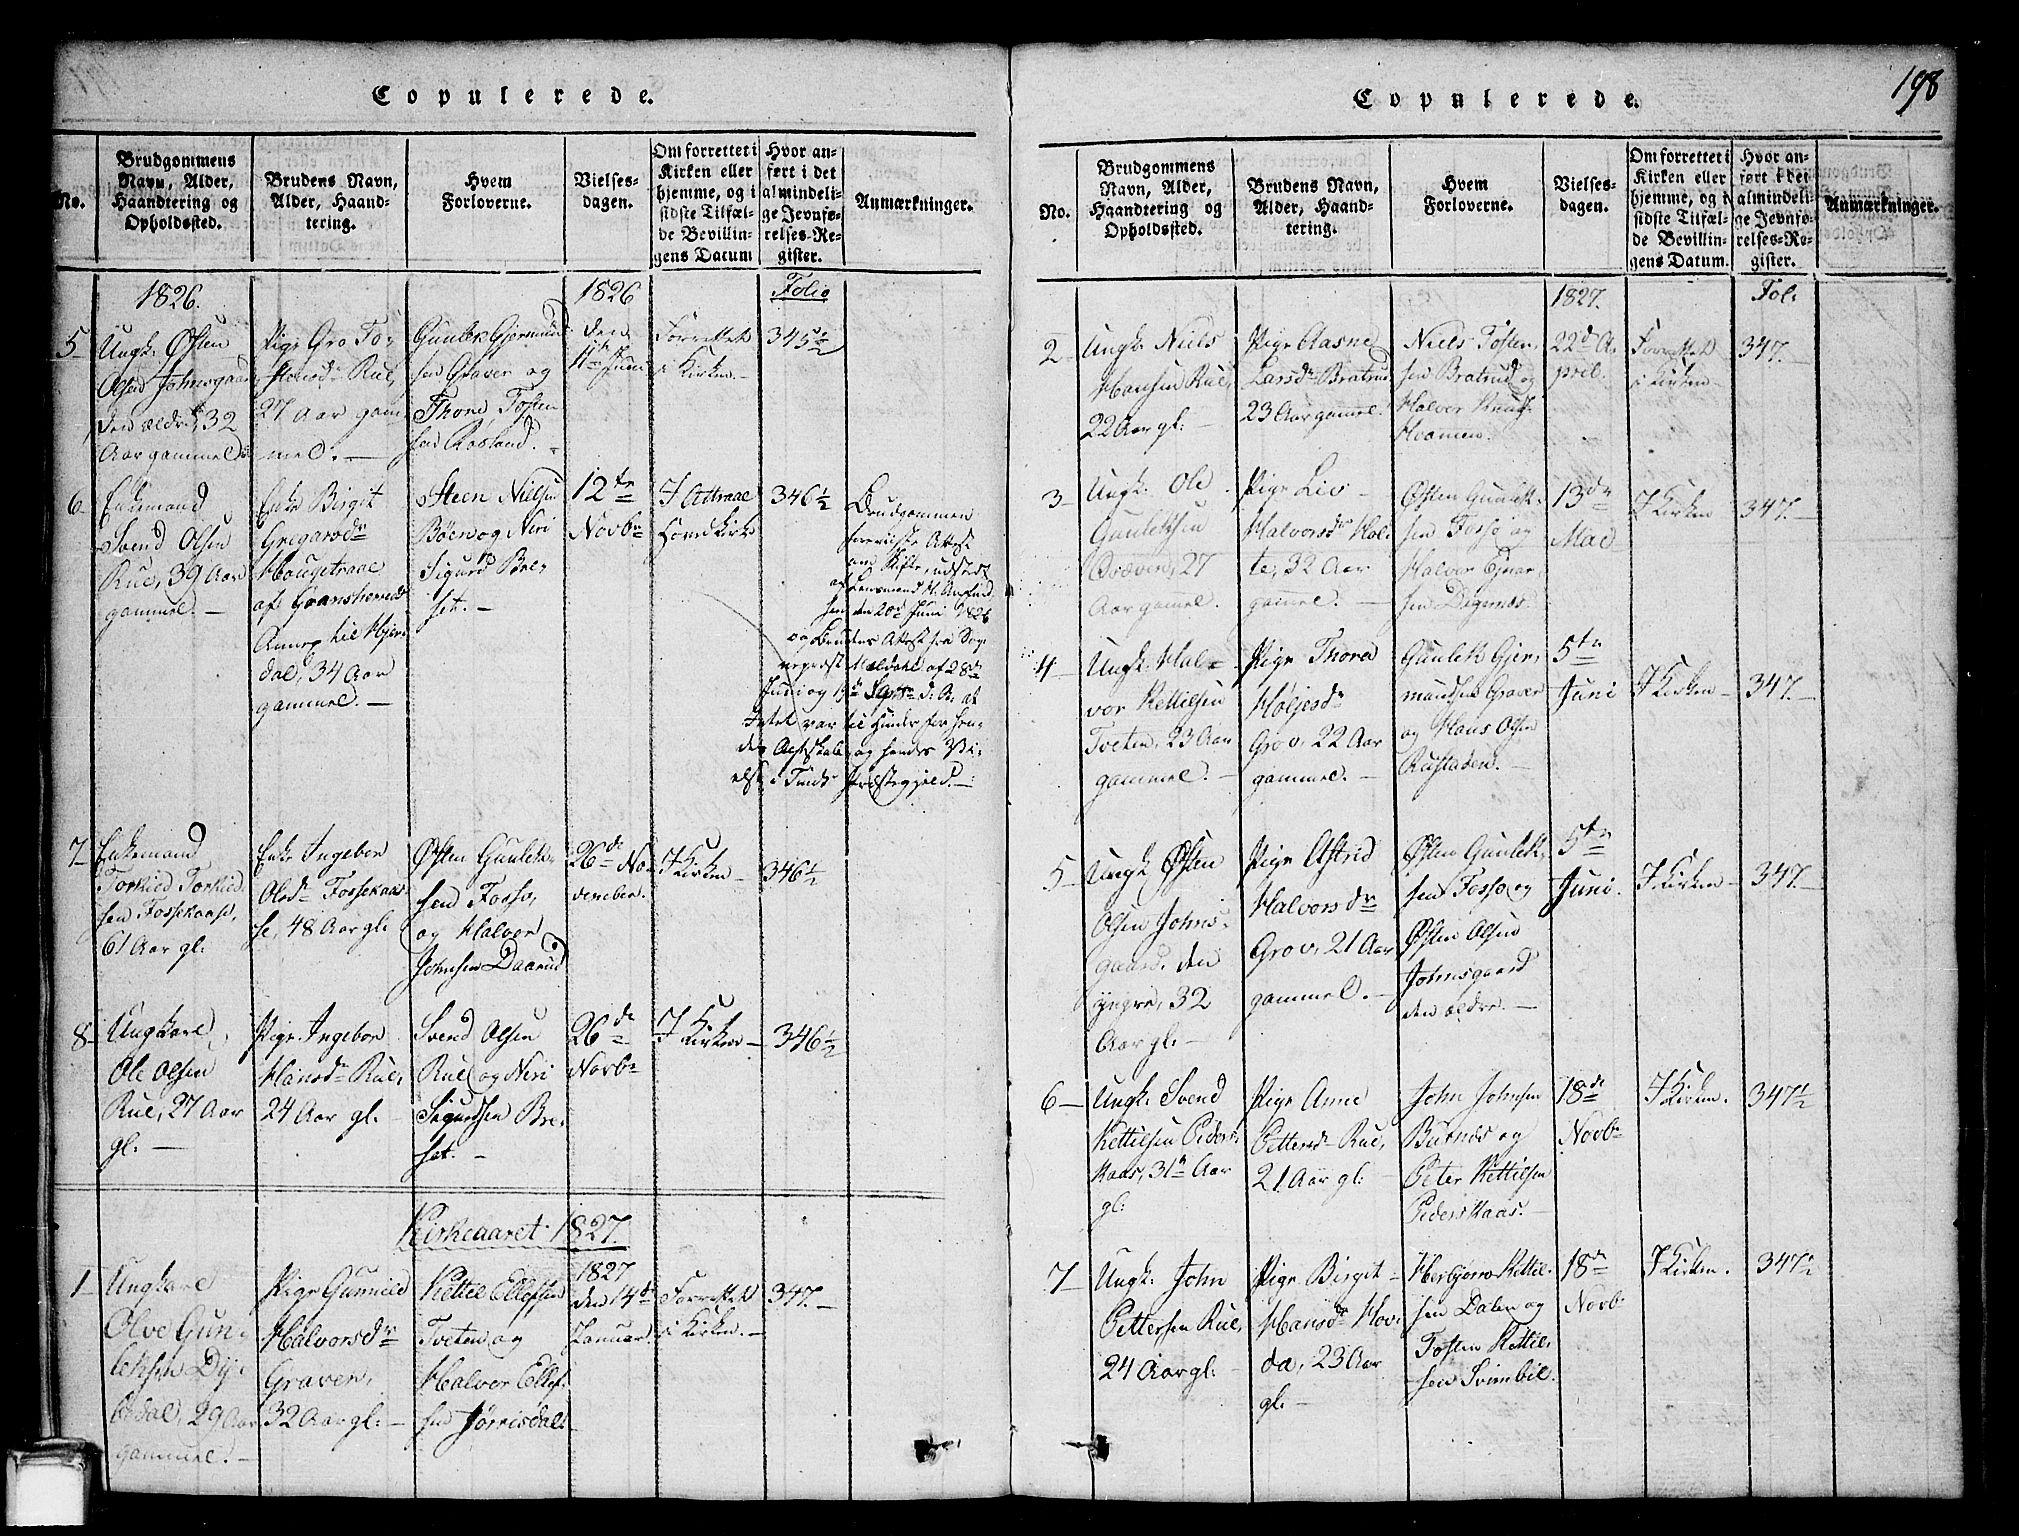 SAKO, Gransherad kirkebøker, G/Gb/L0001: Klokkerbok nr. II 1, 1815-1860, s. 198